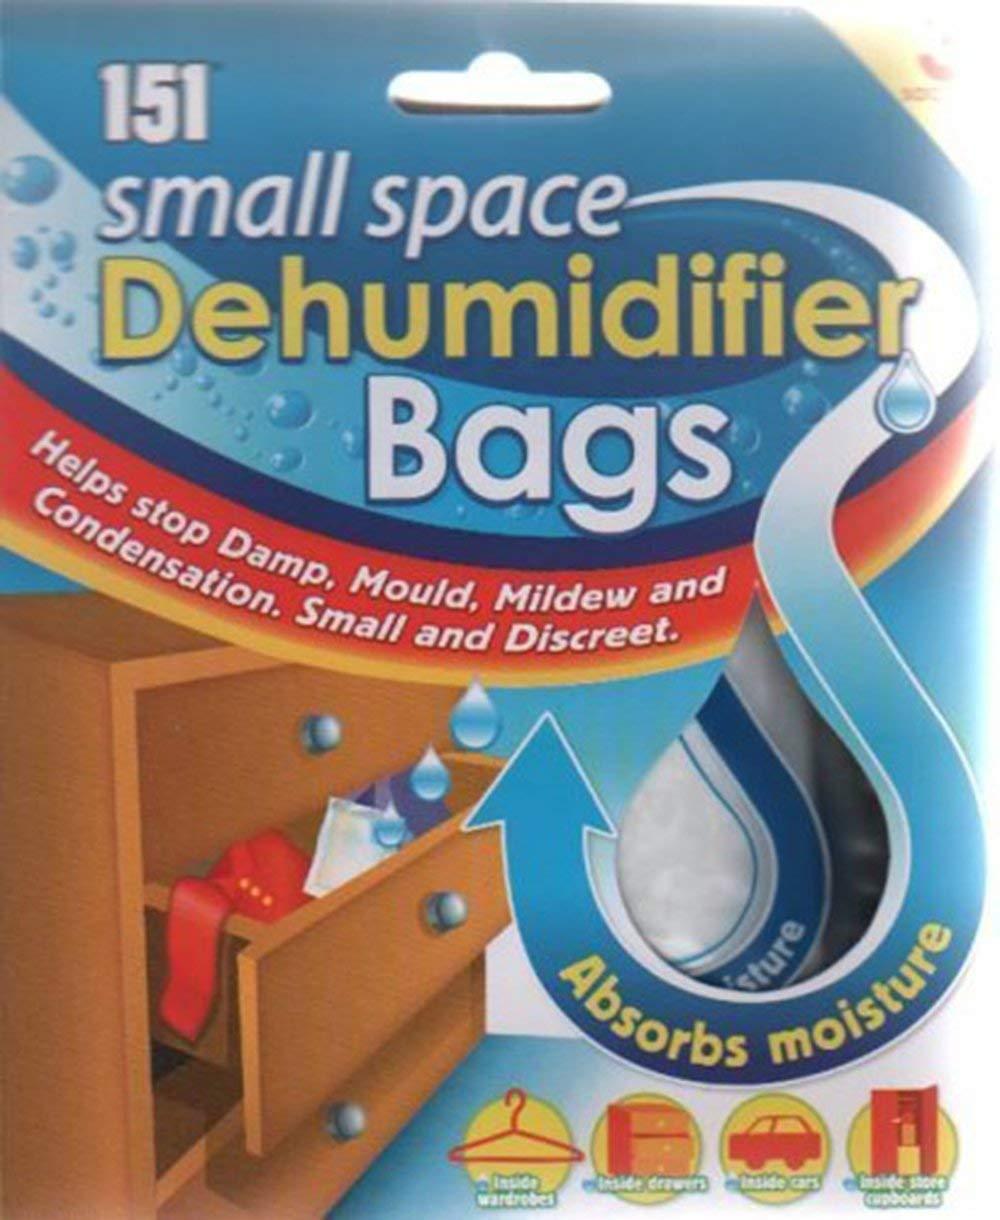 Bolsitas deshumidificadoras 2 bolsas de 36 gramos: Amazon.es ...